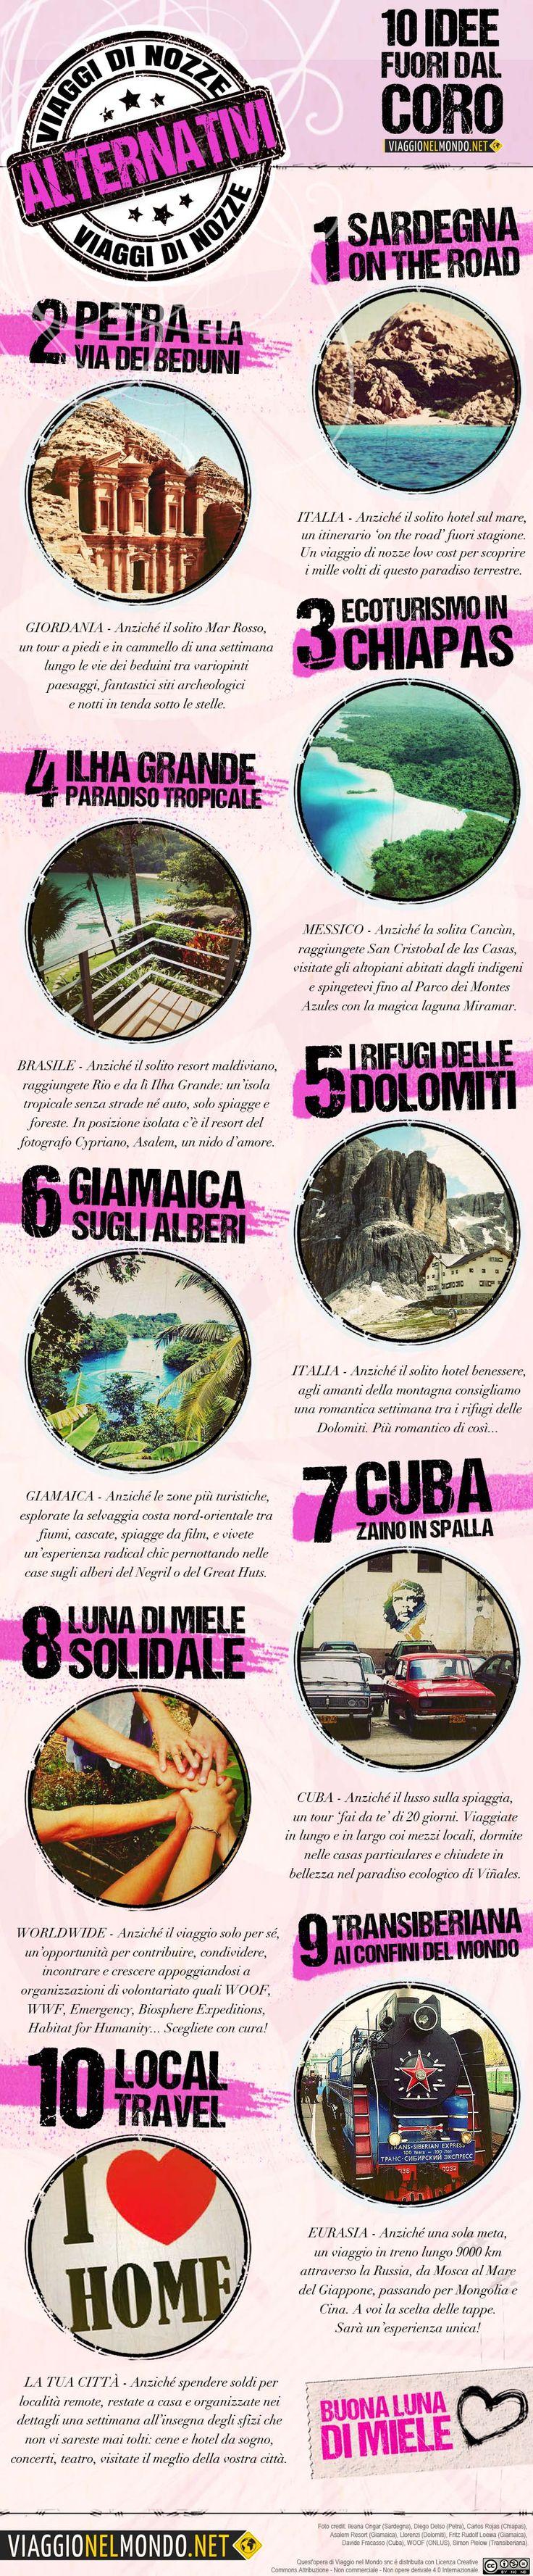 #Infografica: #viaggi di #nozze #alternativi | Viaggio nel Mondo